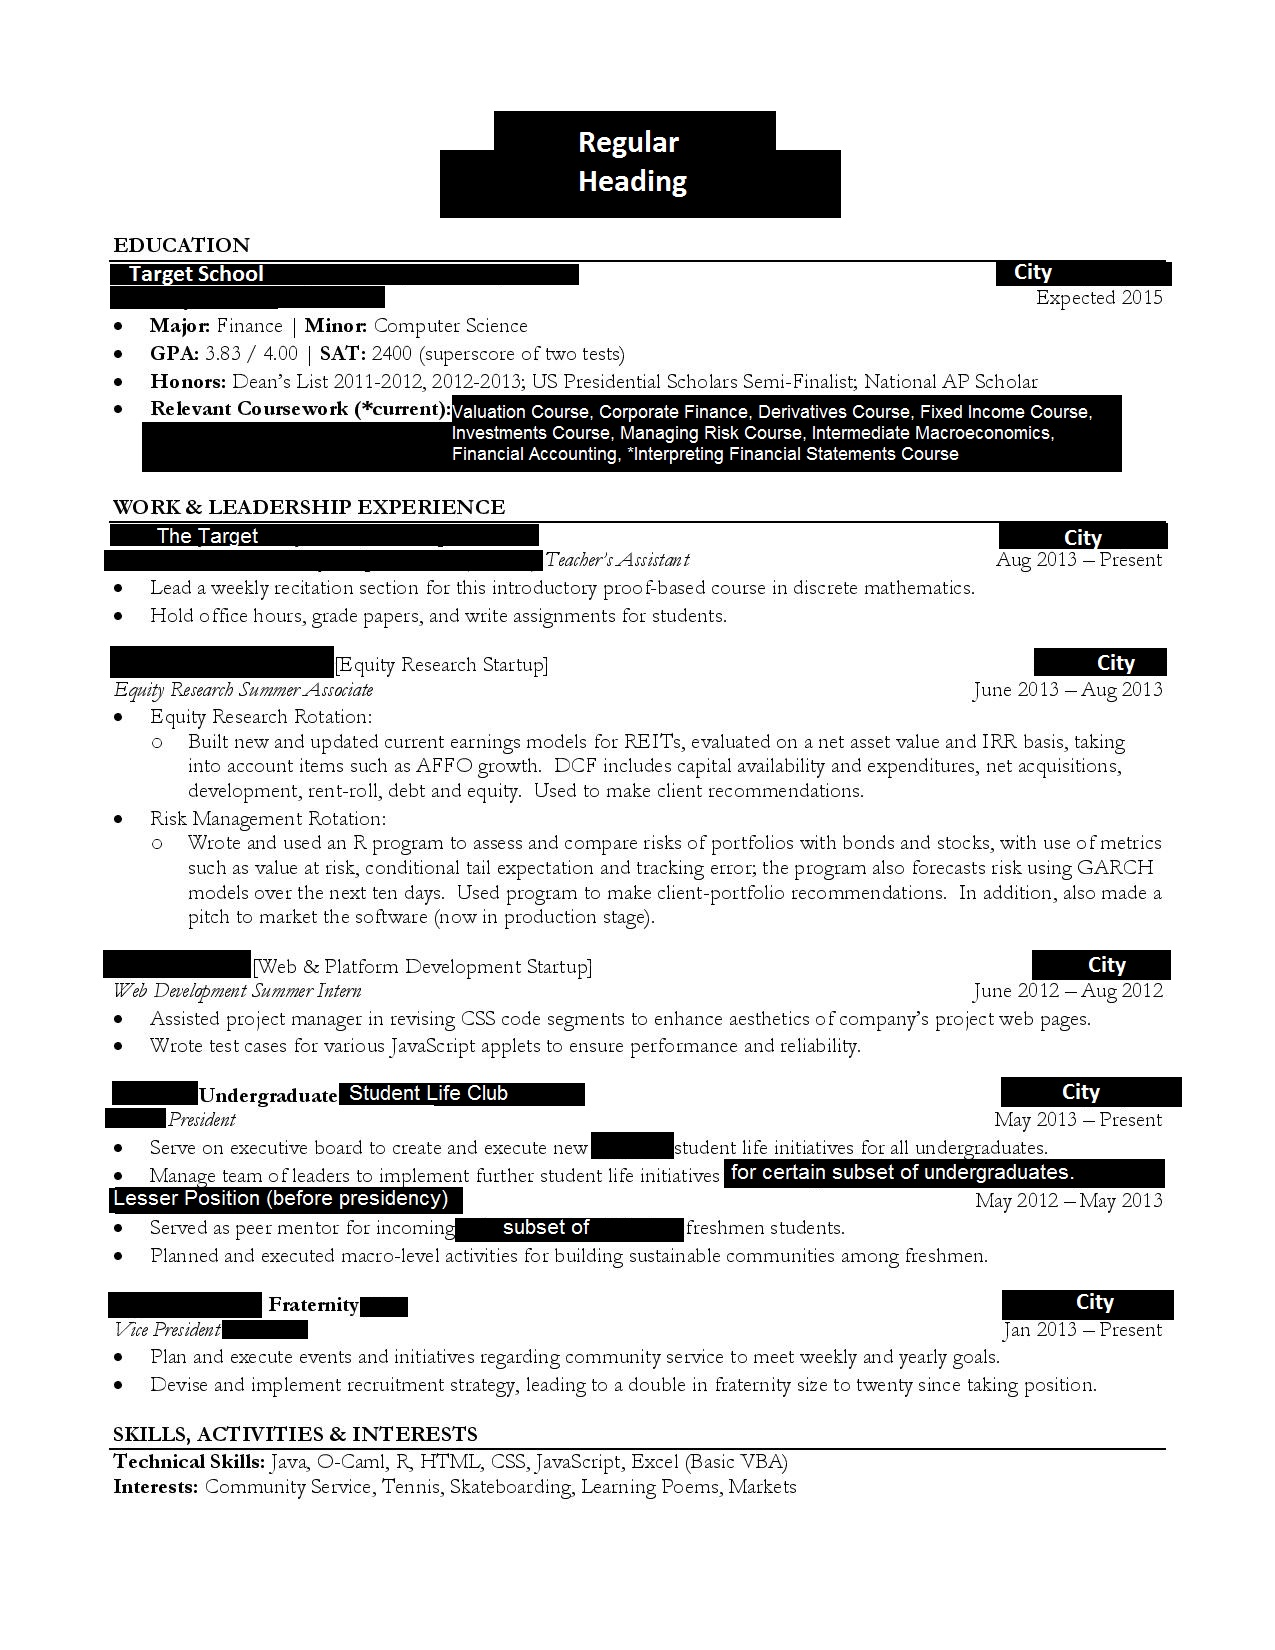 Fixed Income Trader Resume Sample - Contegri.com